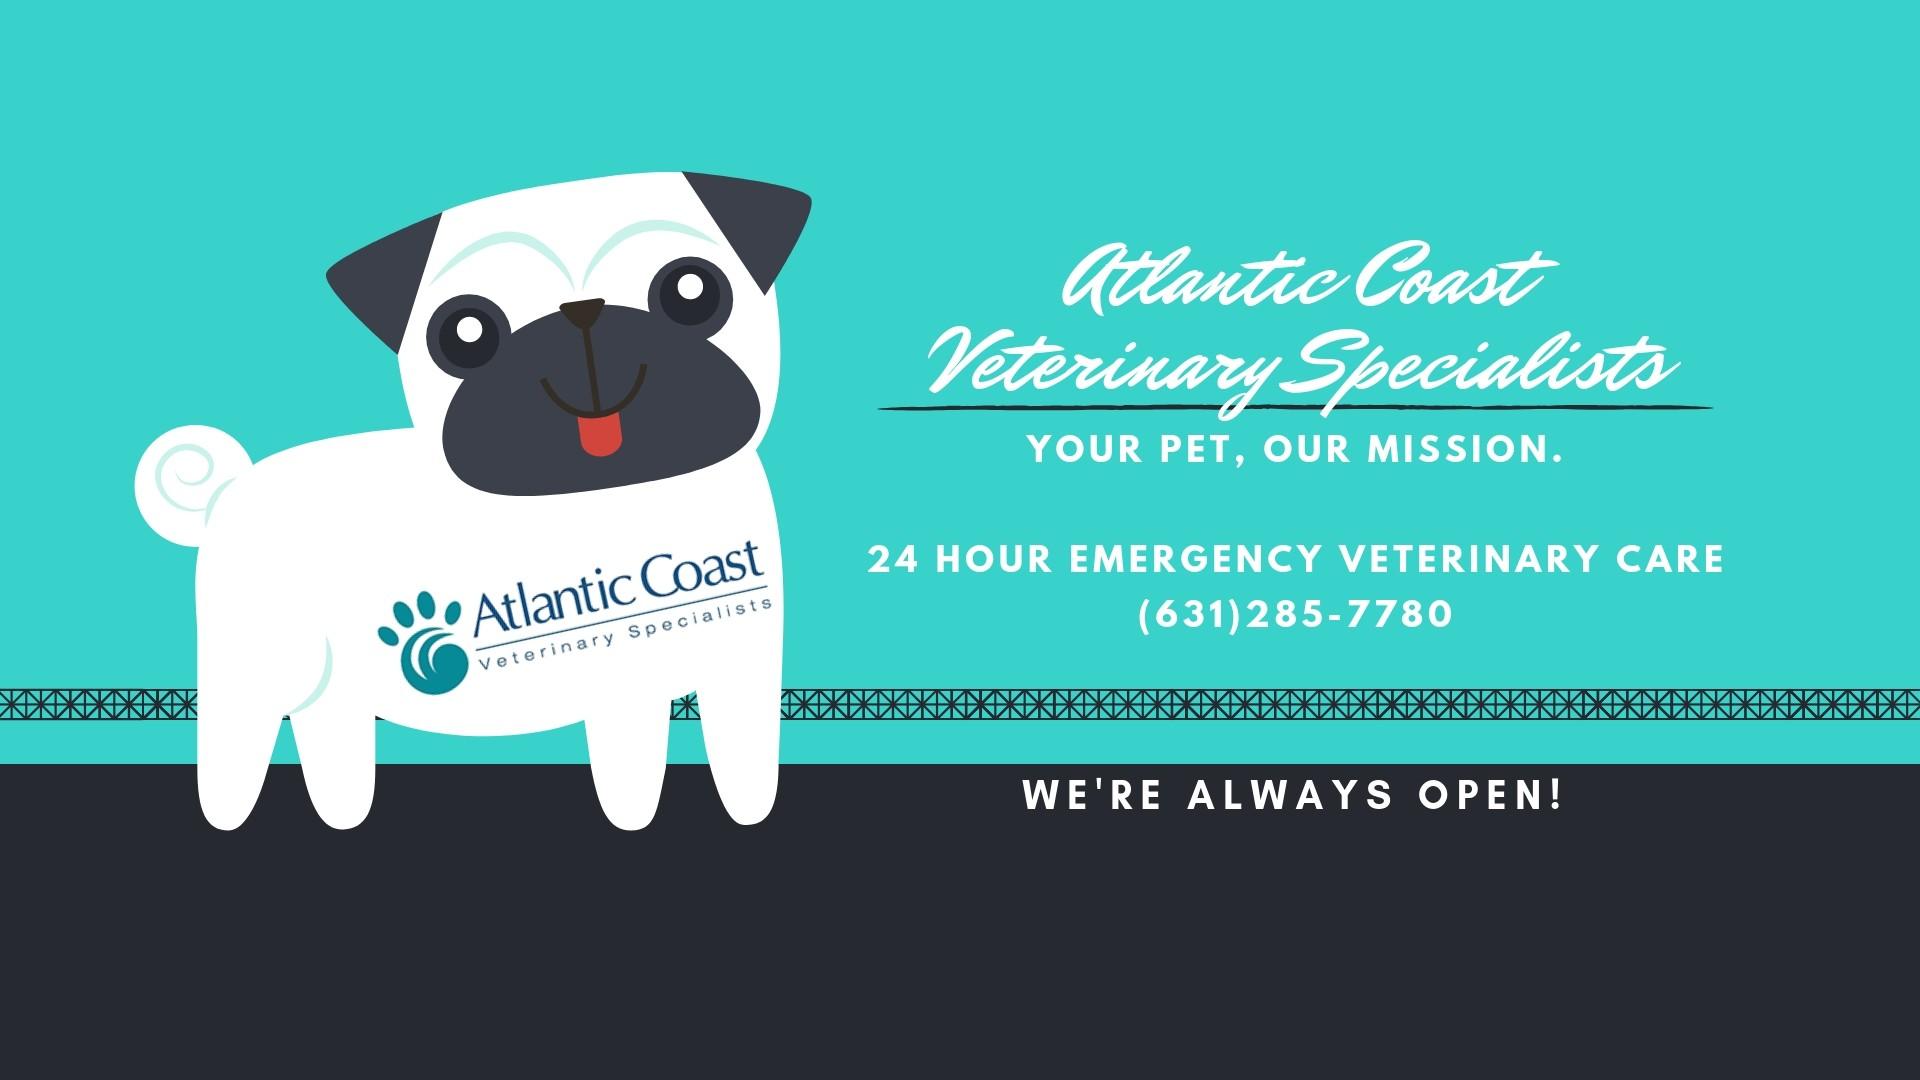 Atlantic Coast Veterinary Specialists   LinkedIn